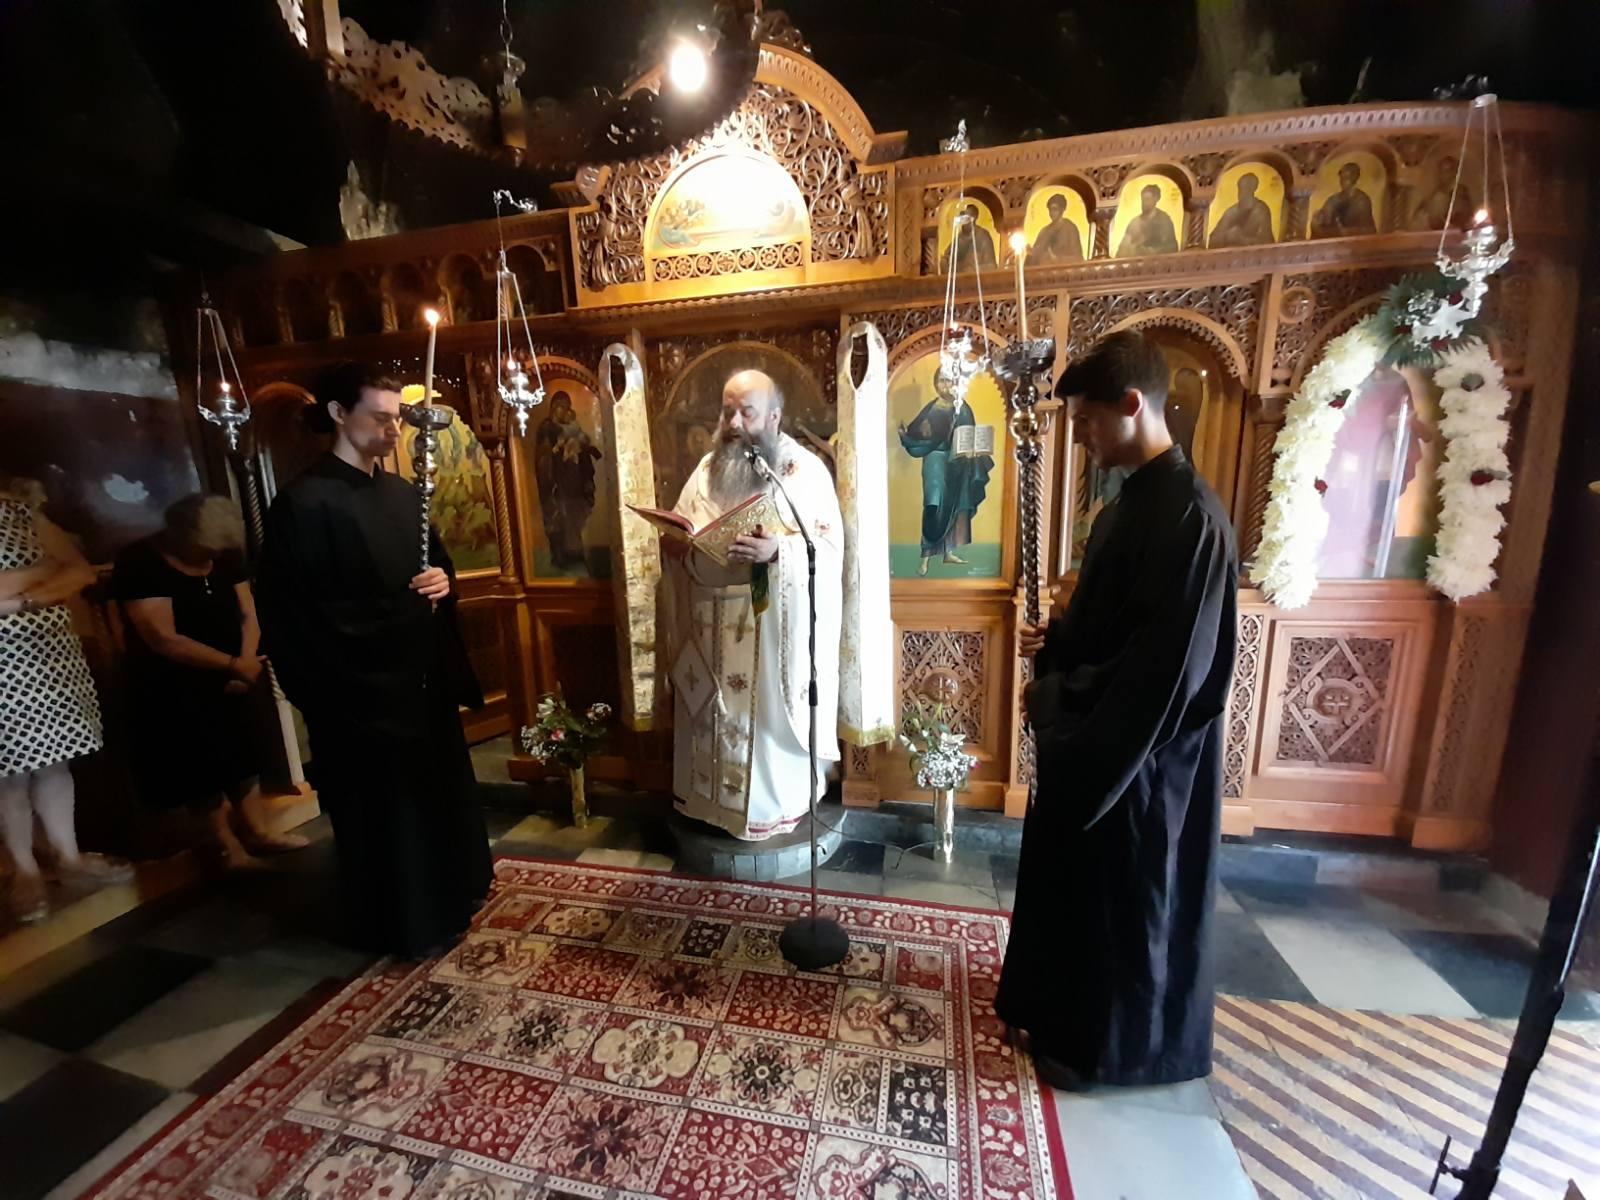 Η Ιερά Μονή του Αγίου Βλασίου Στυλίδος πανηγύρισε τη μνήμη του Αγίου Παντελεήμονος του Ιαματικού.